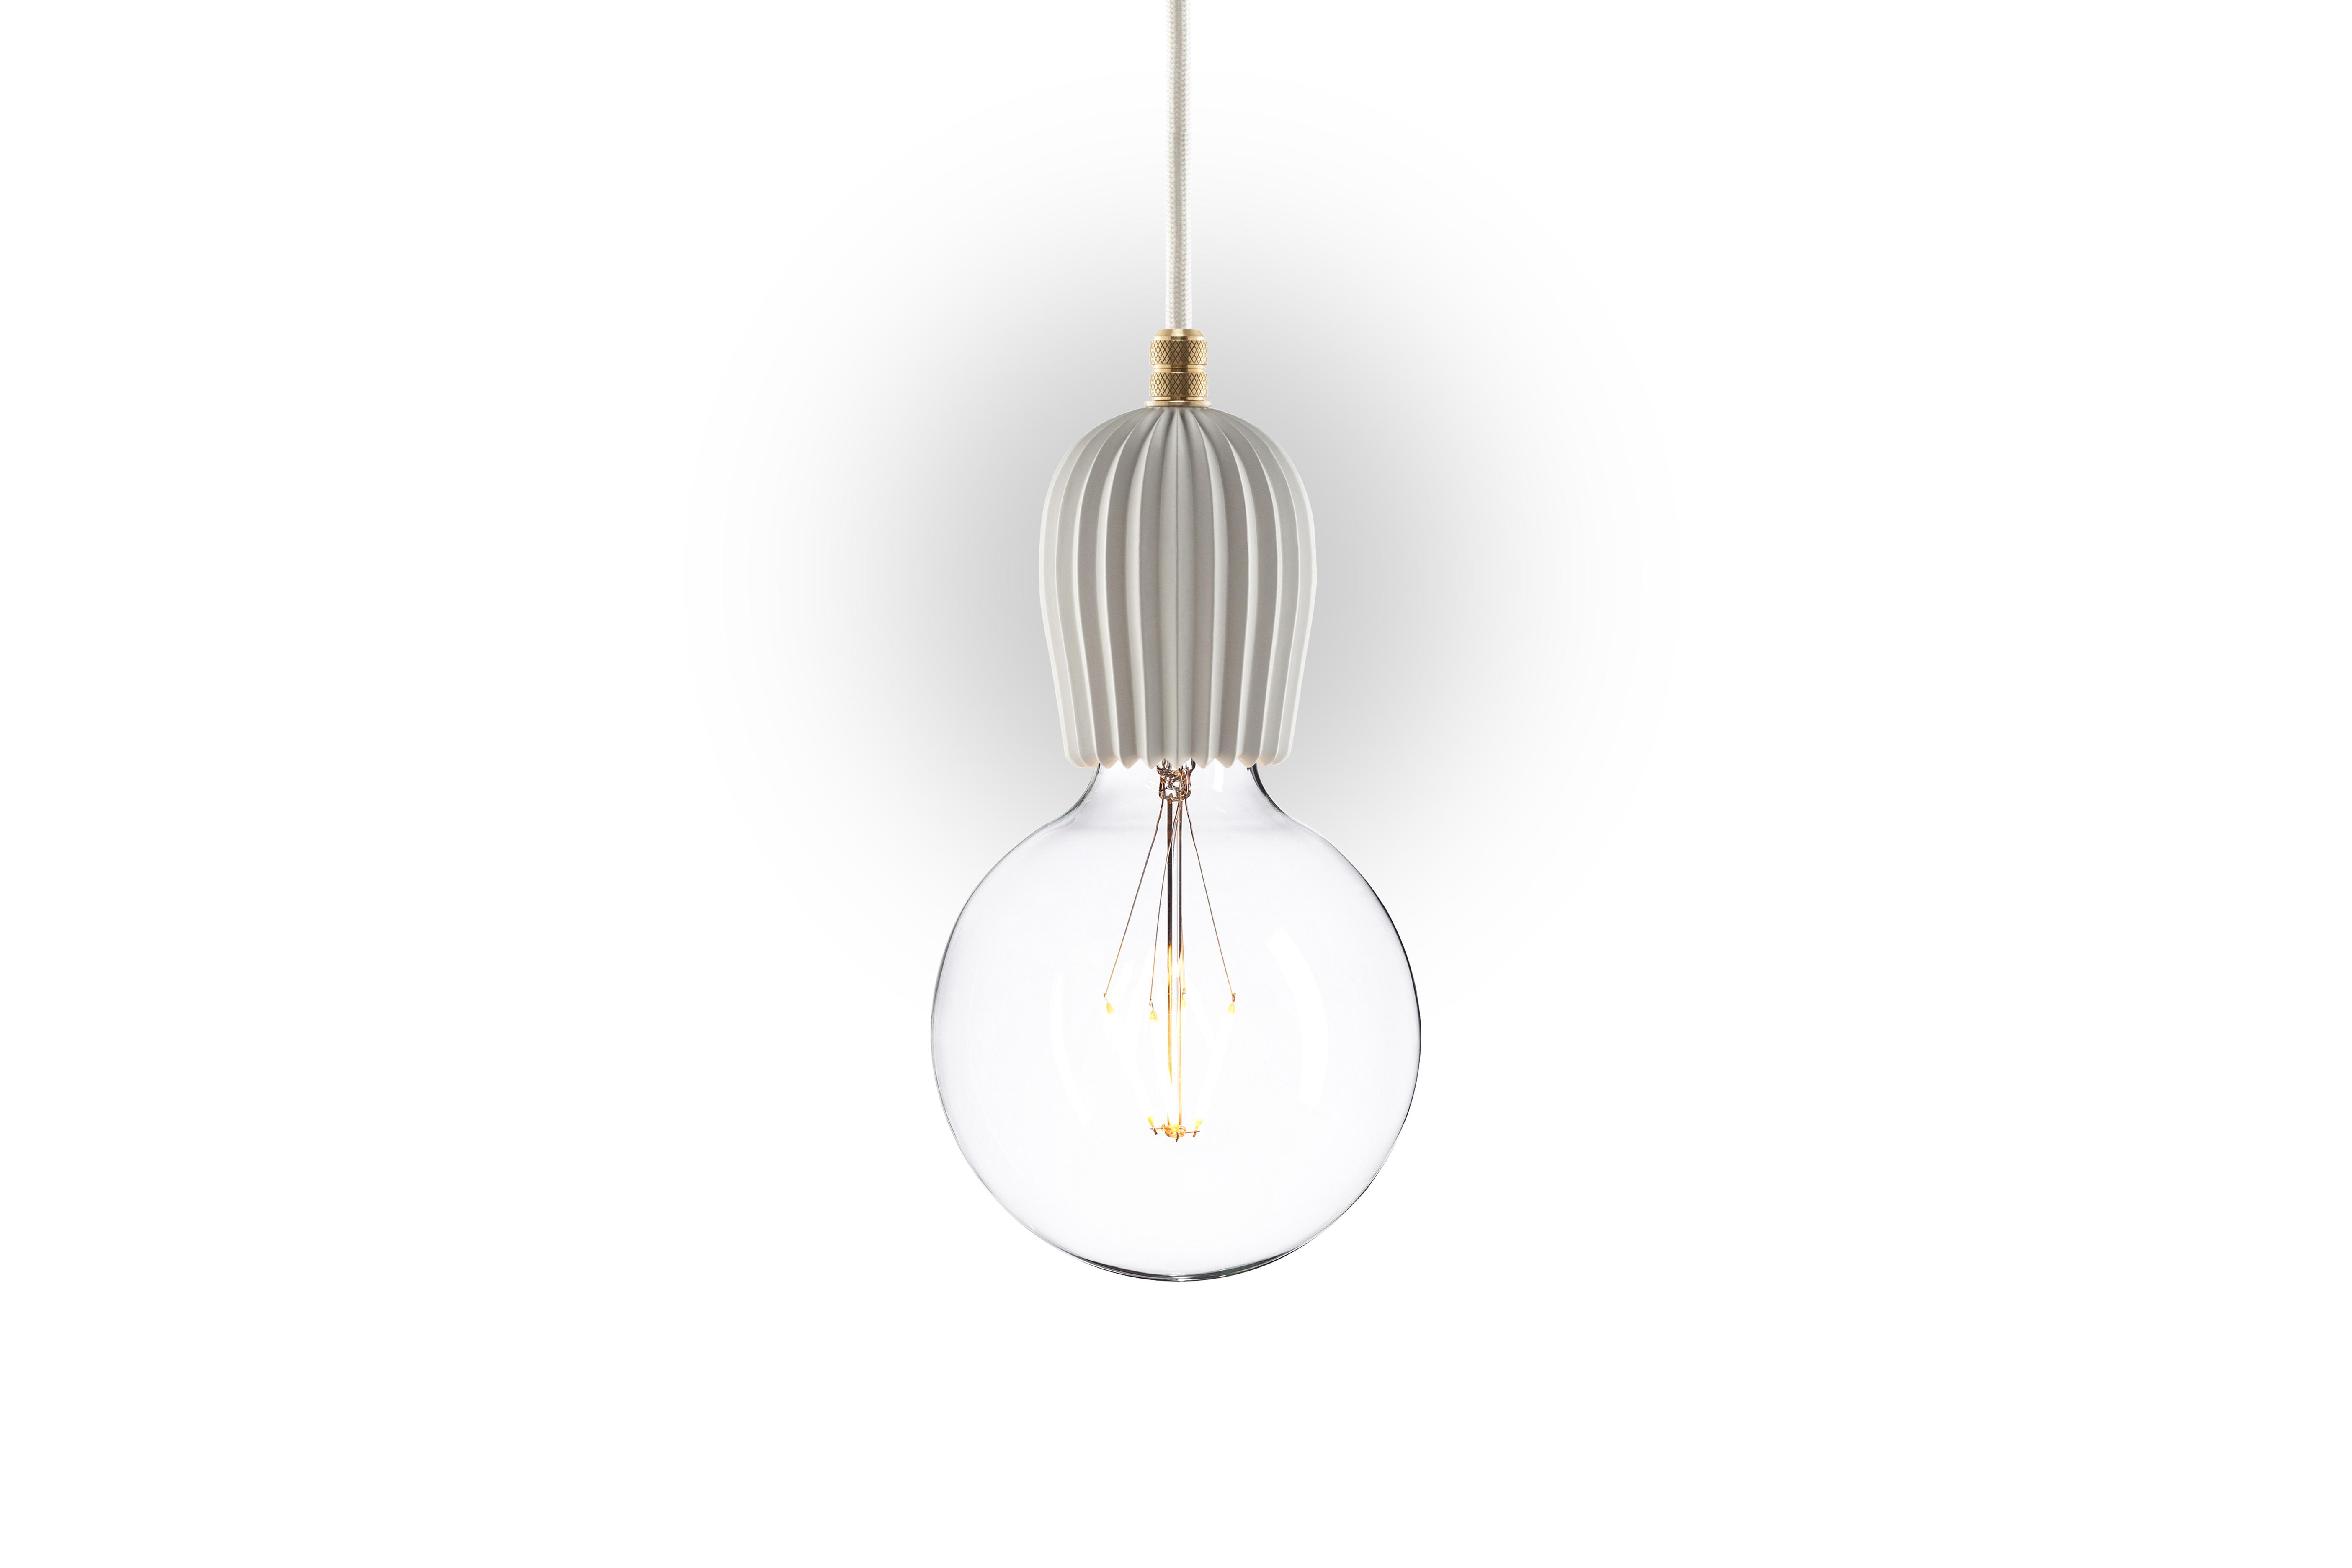 Подвесной светильник Beton RibПодвесные светильники<br>Подвесной светильник из белого цемента? В интерьере лофт возможно все! Благодаря основанию округлой формы &amp;quot;Beton Rib&amp;quot; не выглядит изысканно и утонченно.&amp;lt;div&amp;gt;&amp;lt;br&amp;gt;&amp;lt;/div&amp;gt;&amp;lt;div&amp;gt;Материал: корпус - белый цемент, покраска, фурнитура - латунь, сталь.&amp;lt;br&amp;gt;&amp;lt;/div&amp;gt;&amp;lt;div&amp;gt;Размер: потолочная чаша - D70 мм, h63 мм.&amp;lt;/div&amp;gt;&amp;lt;div&amp;gt;Цоколь: E27, максимальная мощность лампочки - 60 W, длина шнура - 3 м. &amp;amp;nbsp;&amp;amp;nbsp;&amp;lt;/div&amp;gt;&amp;lt;div&amp;gt;Под заказ. Срок изготовления 3 недели.&amp;amp;nbsp;&amp;lt;/div&amp;gt;<br><br>Material: Мрамор<br>Height см: 10,5<br>Diameter см: 7